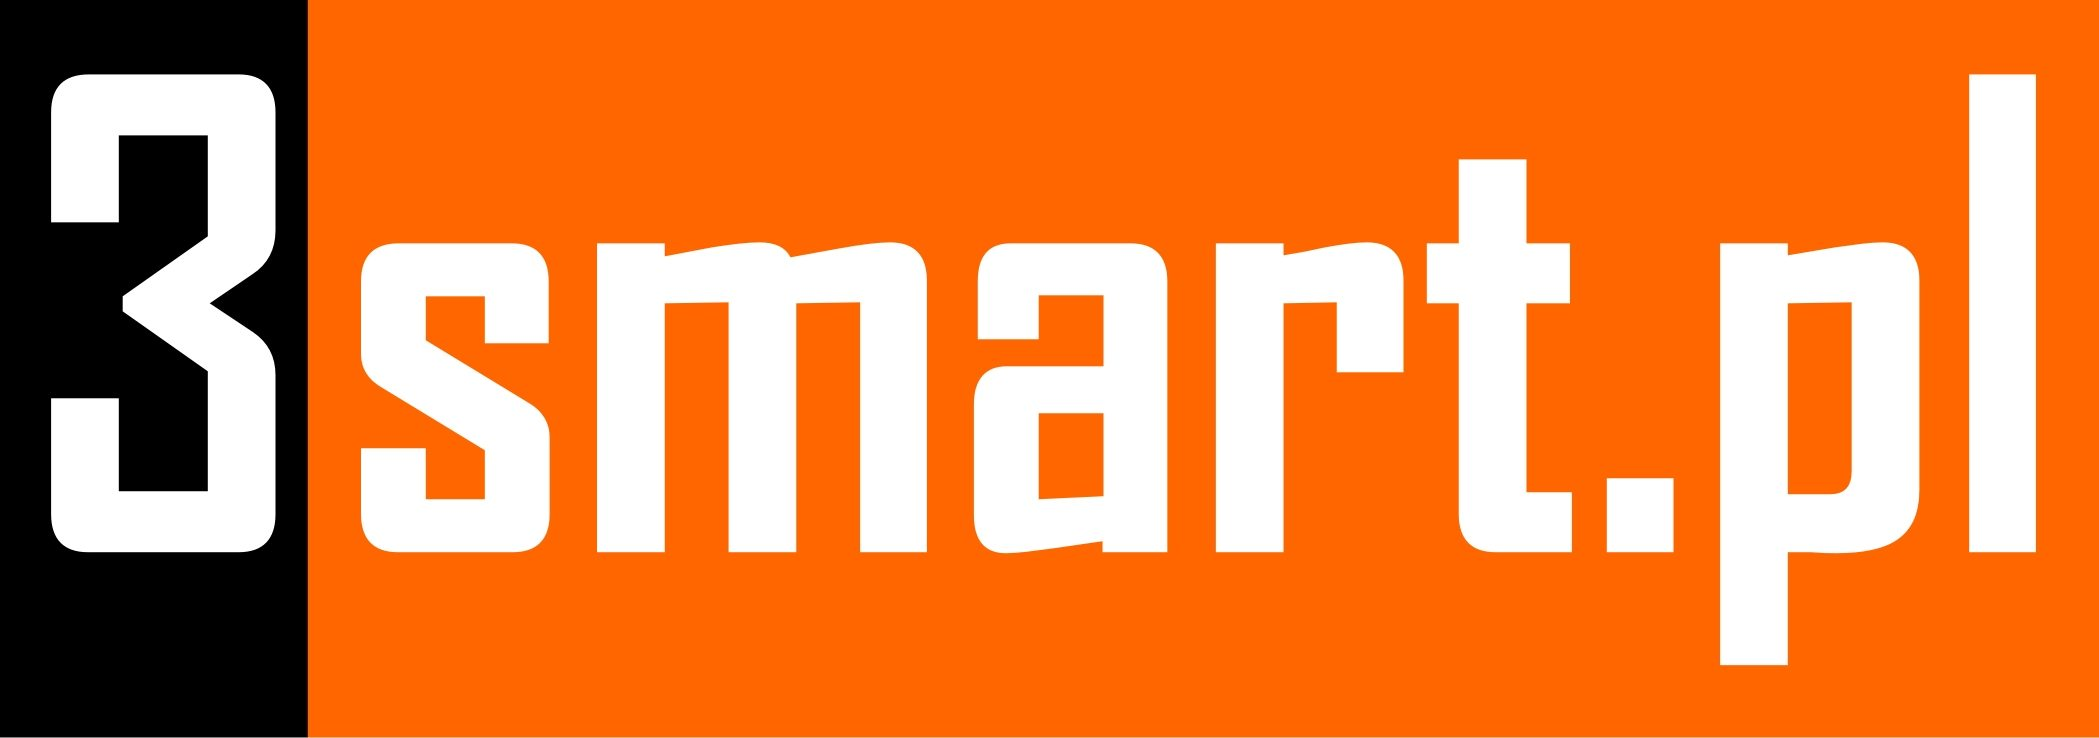 3smart.pl